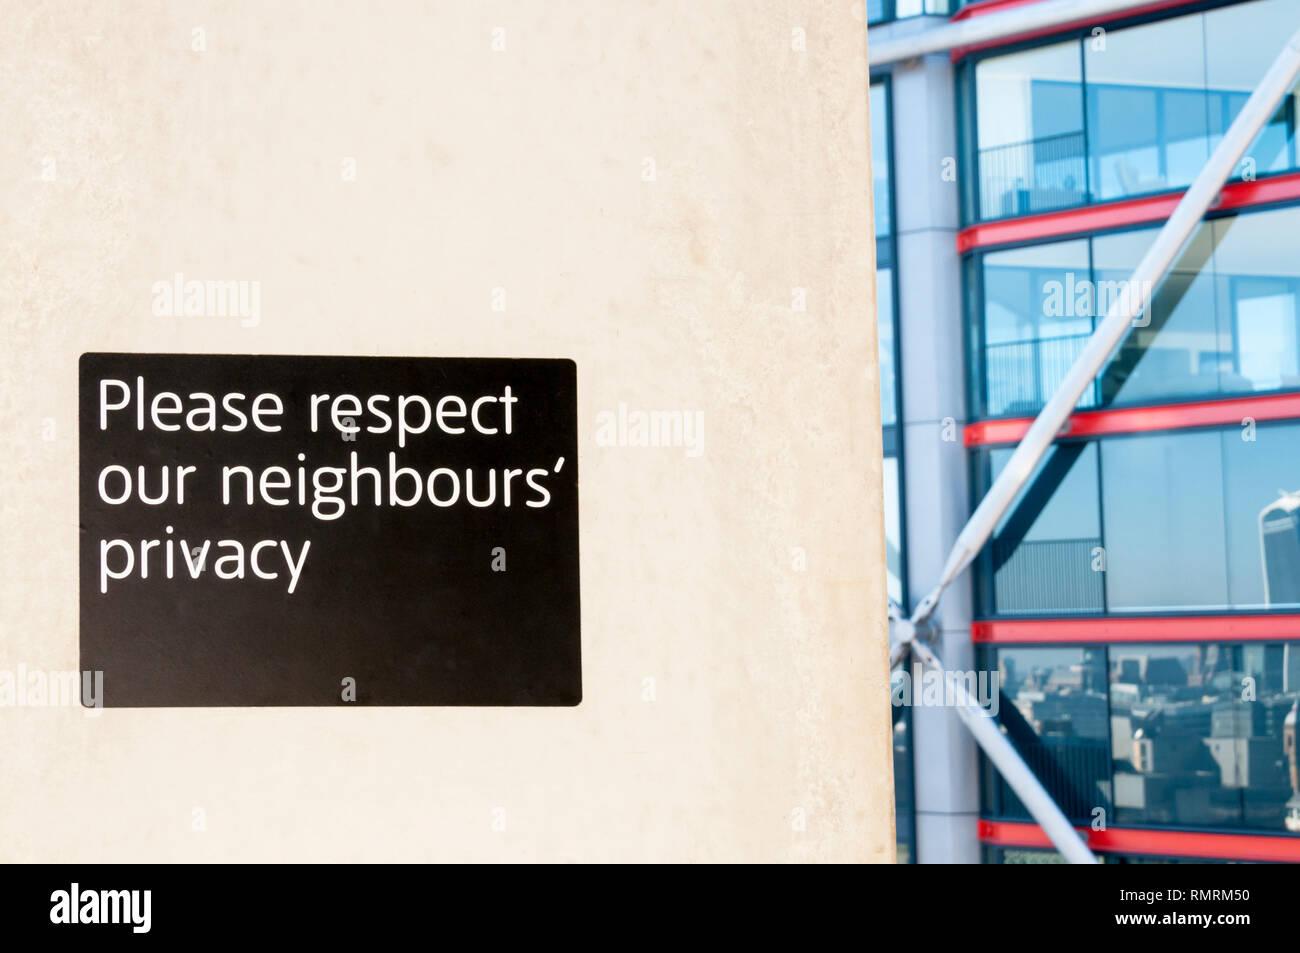 Zeichen auf der Anzeige Galerie der Tate Modern fragt Menschen auf die Privatsphäre der Bewohner der nahe gelegenen Neo Bankside Entwicklung, die sie mit Blick auf die Achtung Stockbild